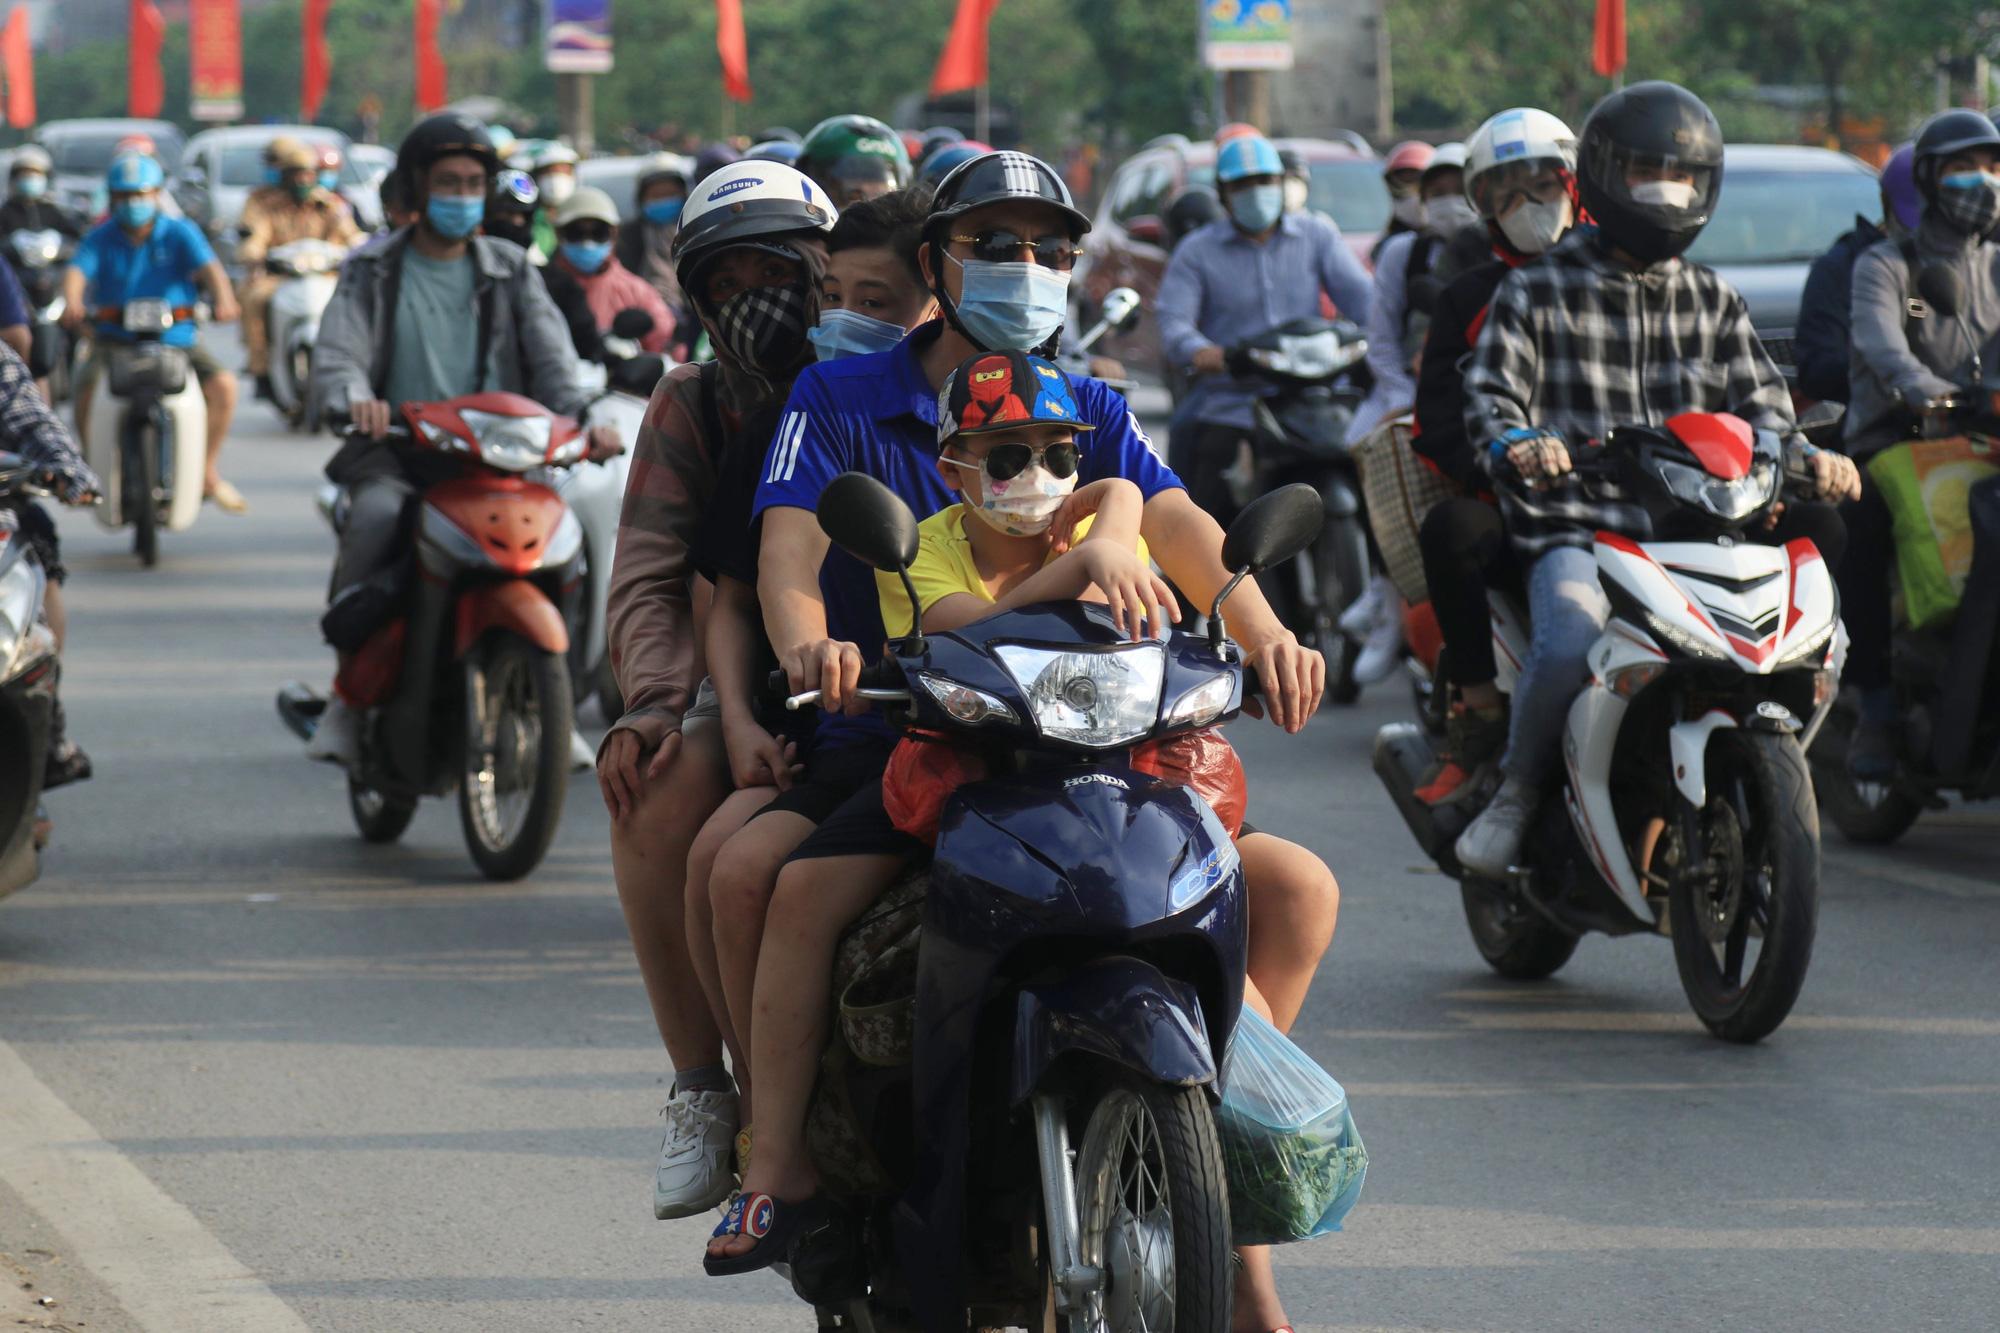 Người dân khai báo y tế bắt buộc ra sao khi trở lại Hà Nội sau nghỉ lễ 30/4-1/5? - Ảnh 2.